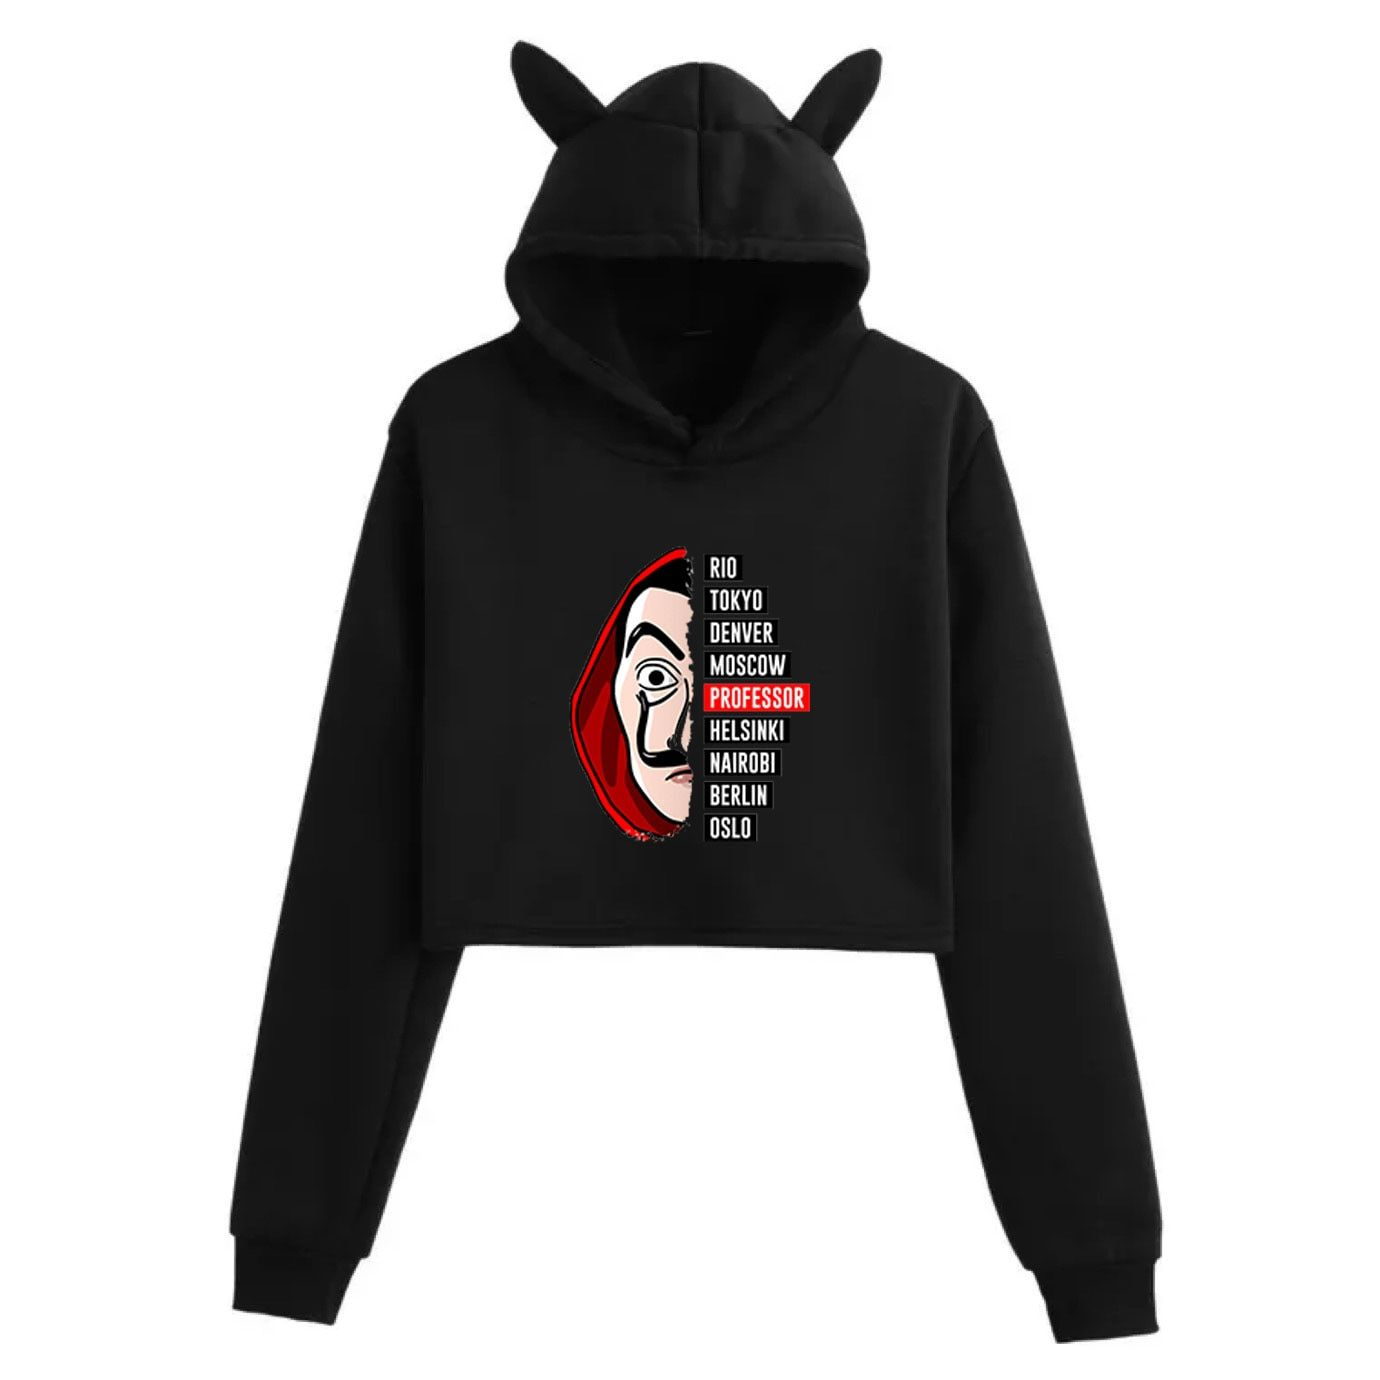 17 35us New Money Heist Hoodies The House Of Paper La Casa De Papel Vogue Casual Dali Mask Casa De Papel Women Cropped Top Sweatshirt Hoodies Sweatshirts Crop Top Sweatshirt